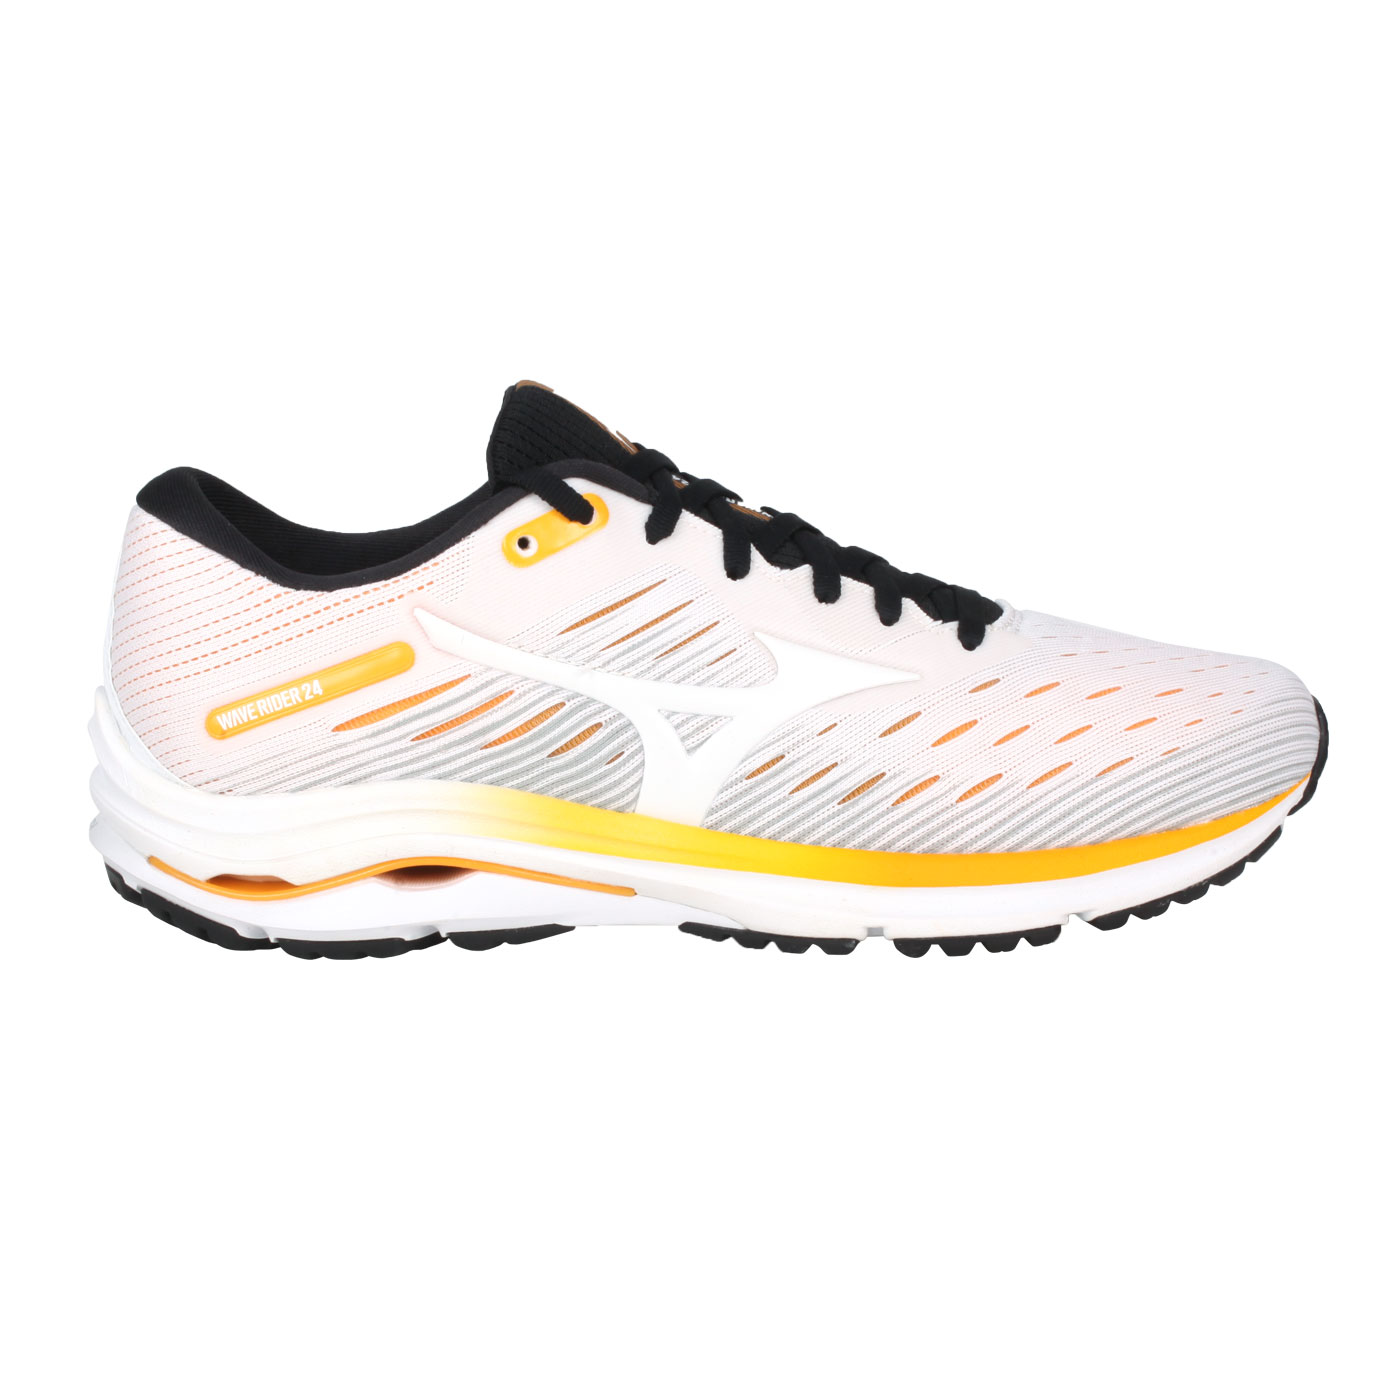 MIZUNO 男慢跑鞋  @WAVE RIDER 24@J1GC200301 - 白黃橘